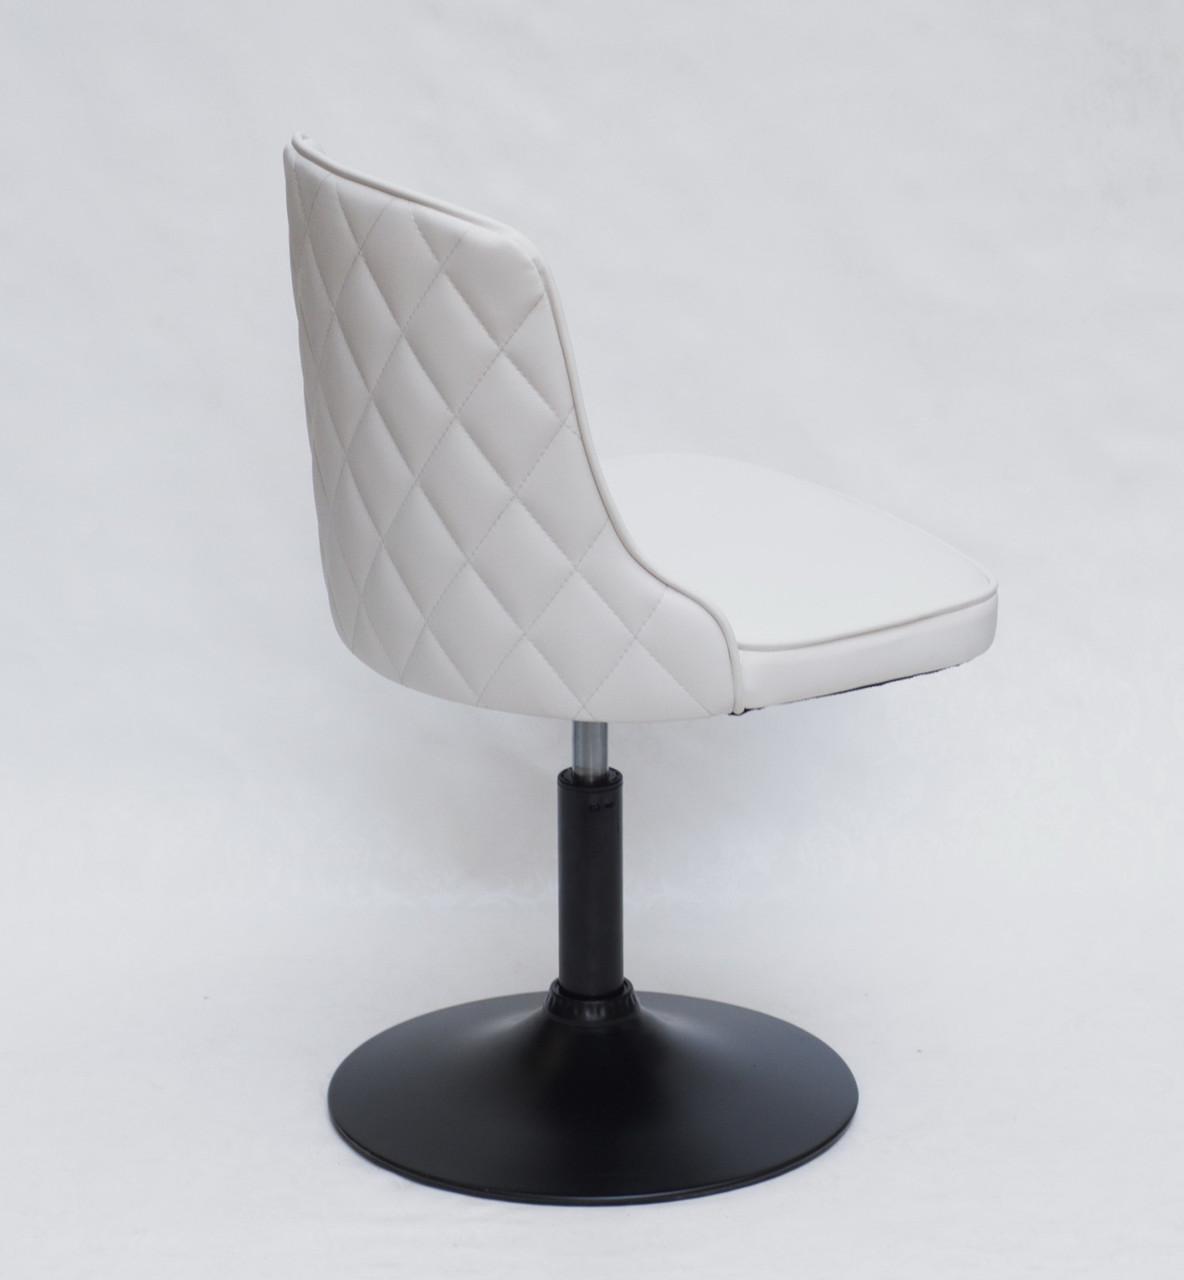 Кресло Адам ADAM ВК-BASE белая экокожа на черном  диске, стеганная спинка